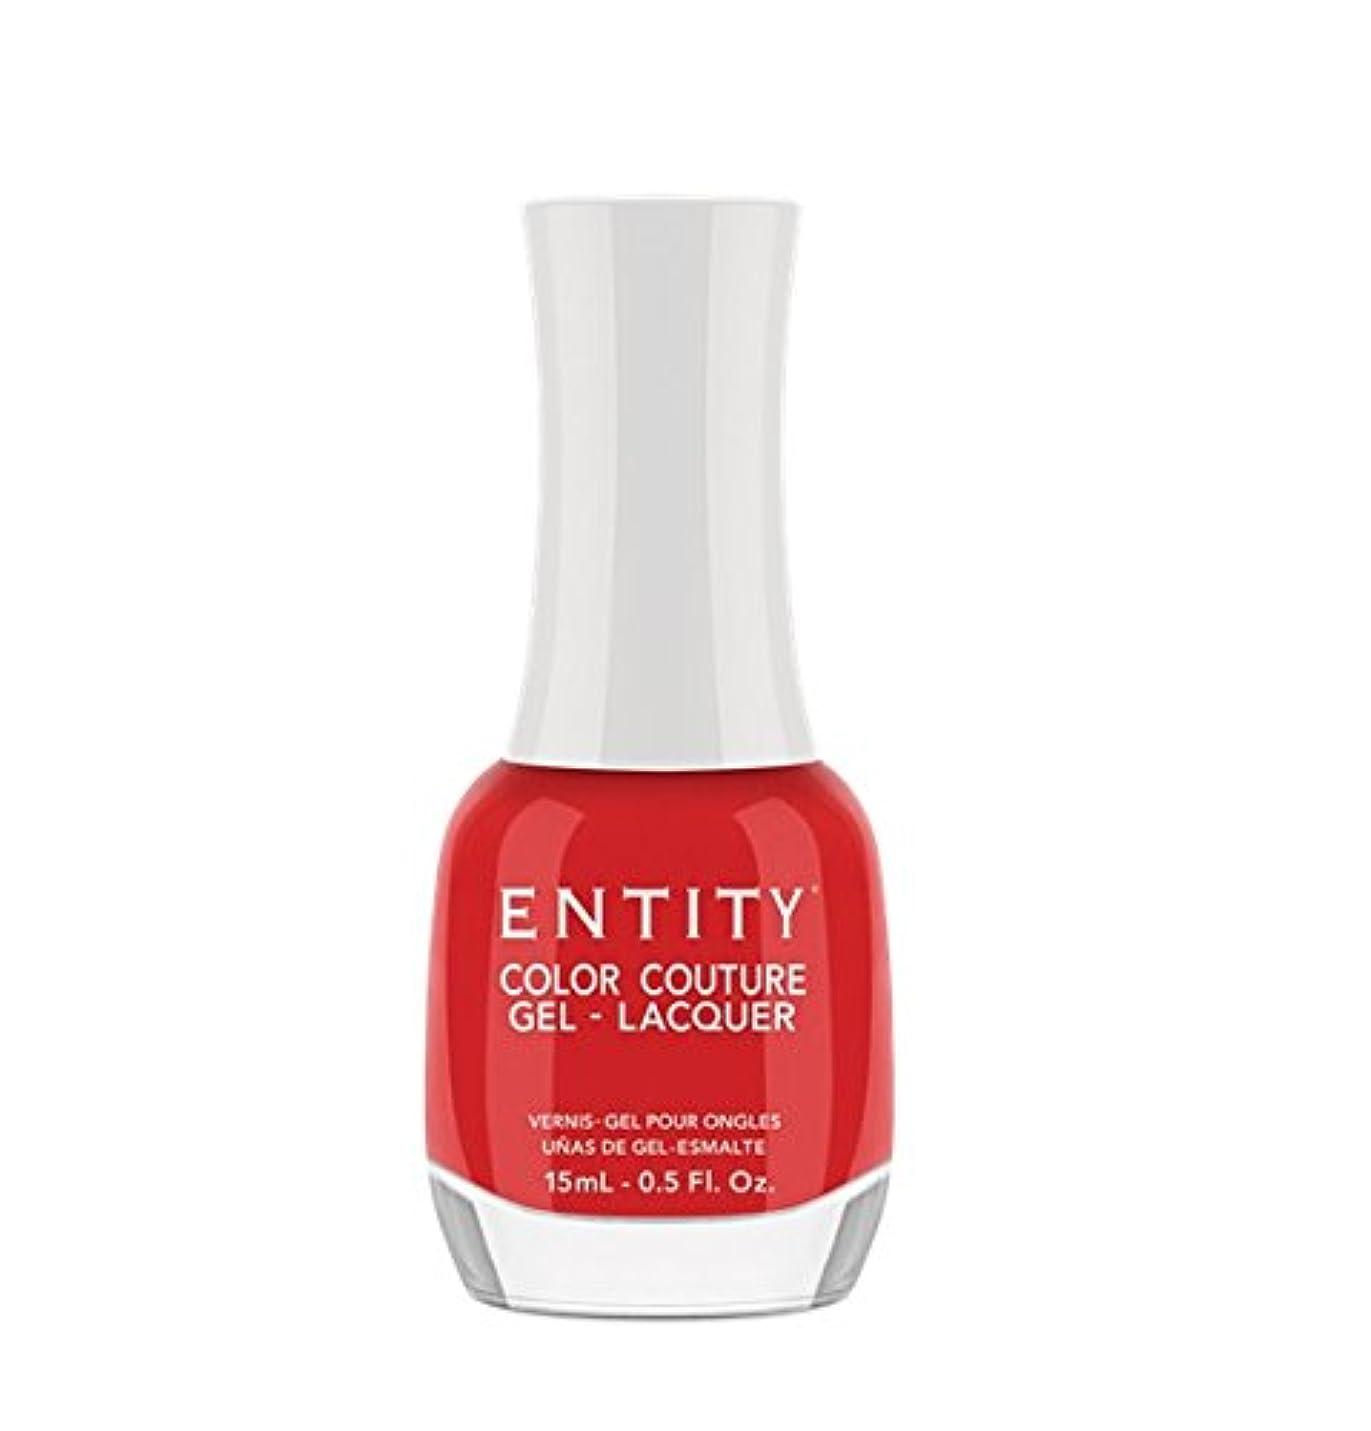 フレッシュ血まみれソーセージEntity Color Couture Gel-Lacquer - A-very Bright Red Dress - 15 ml/0.5 oz